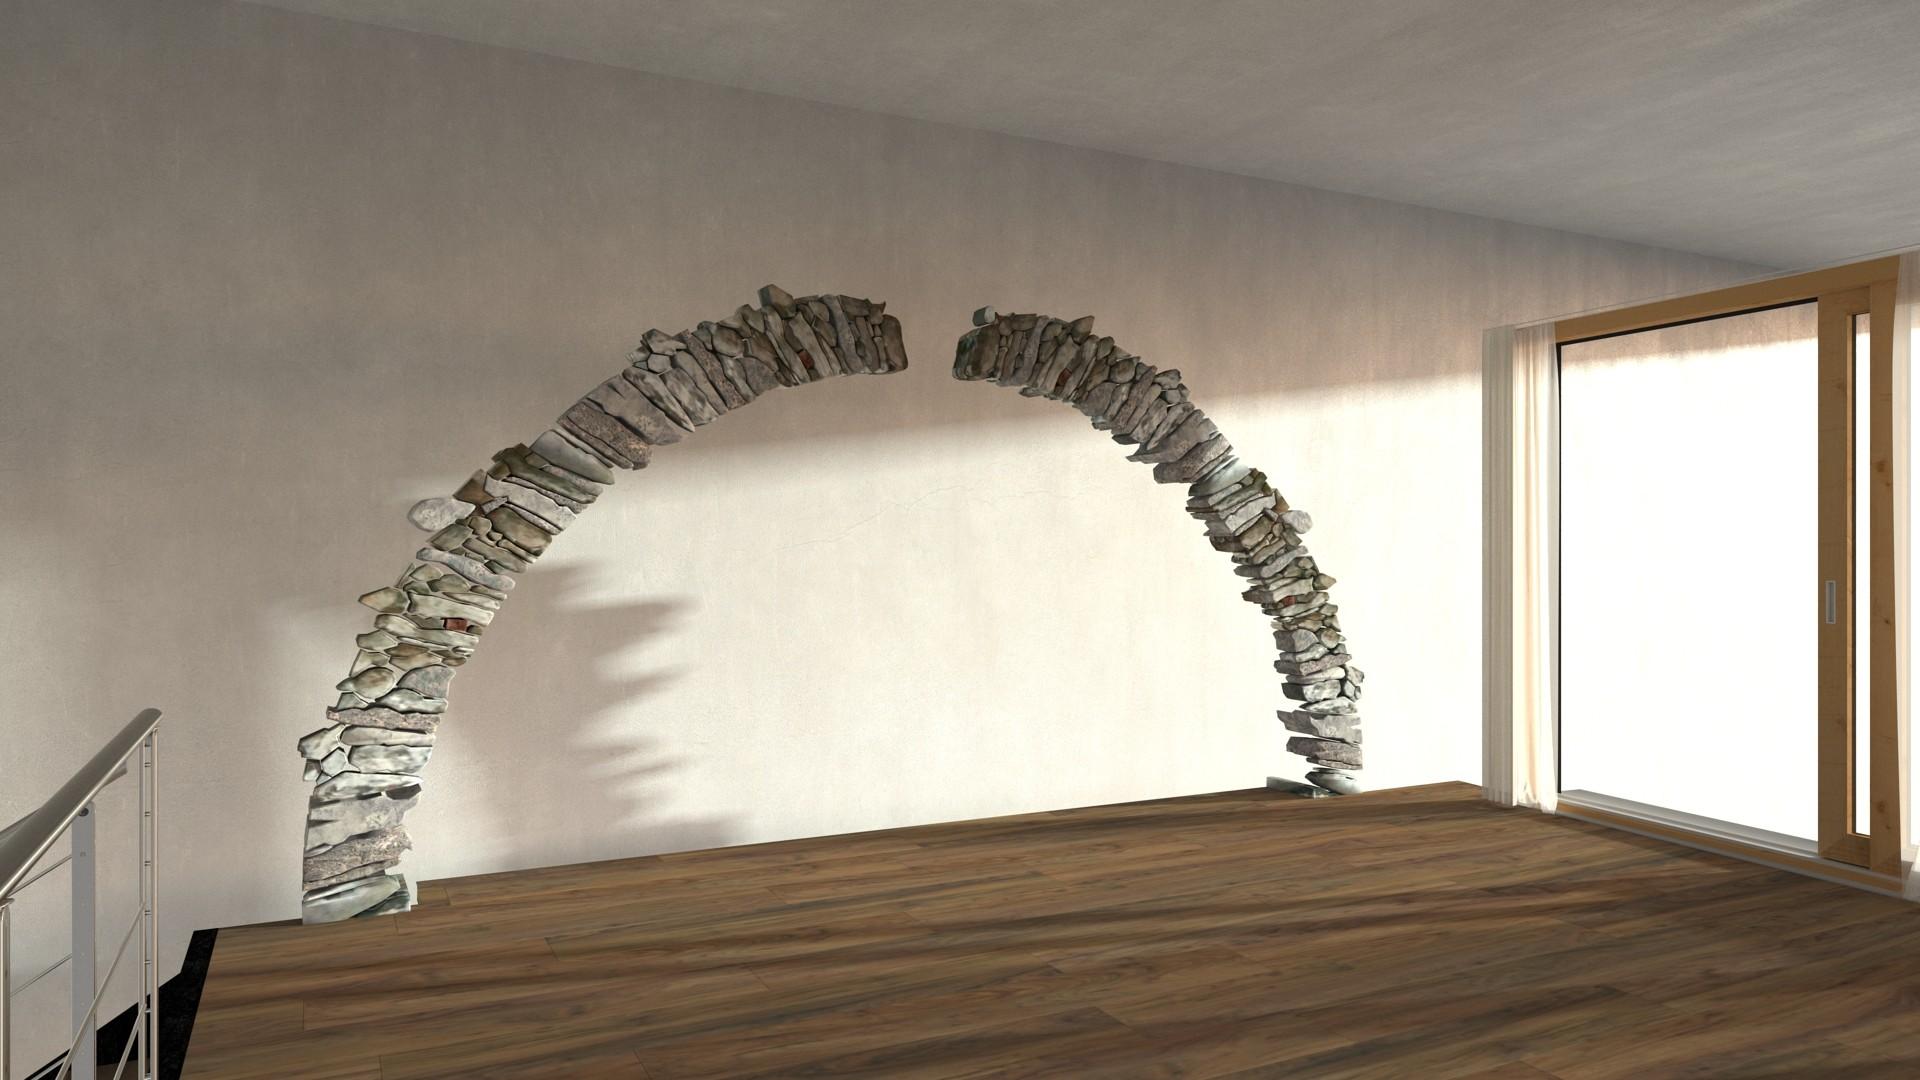 Duane kemp rivendell salon arch demo scene 120